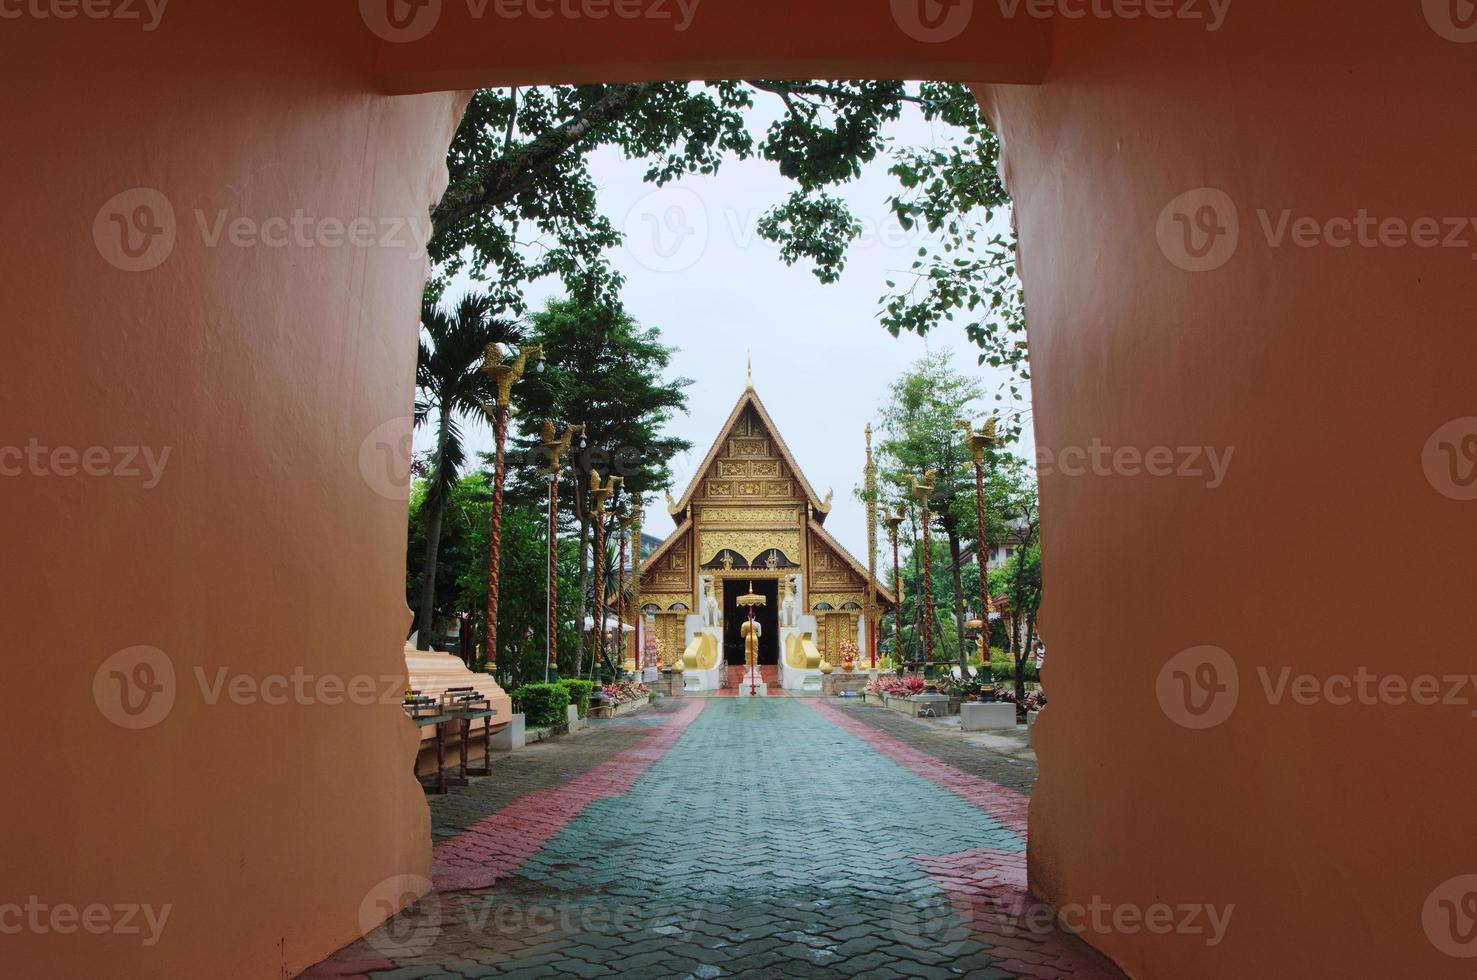 Wat Phra Sing Tempel in Chiang Rai, schauen Sie durch die Tür foto